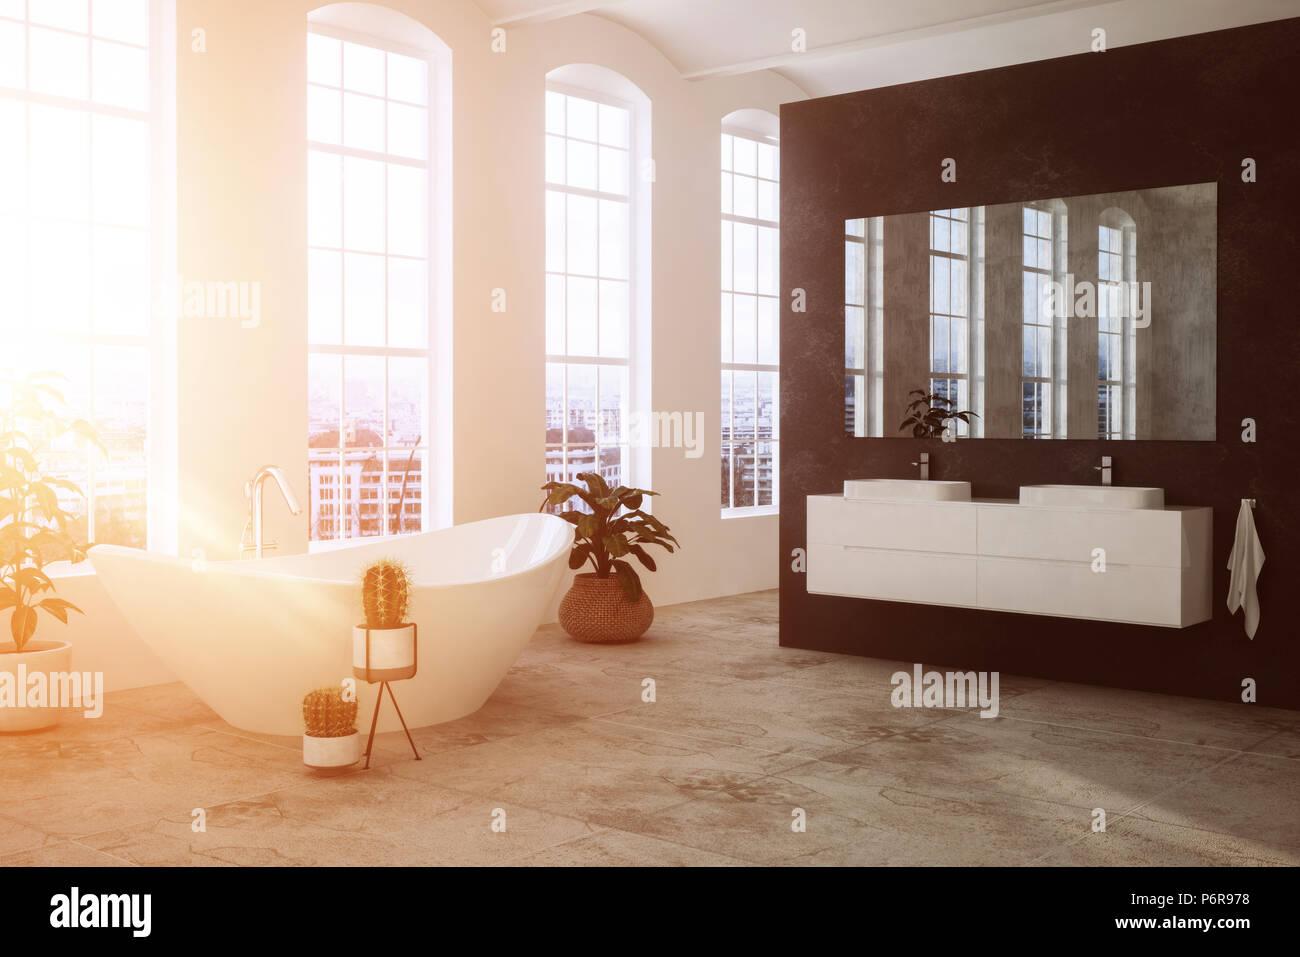 Bagno moderno illuminato dalla luce calda del sole attraverso le grandi finestre di - Finestre a specchio ...